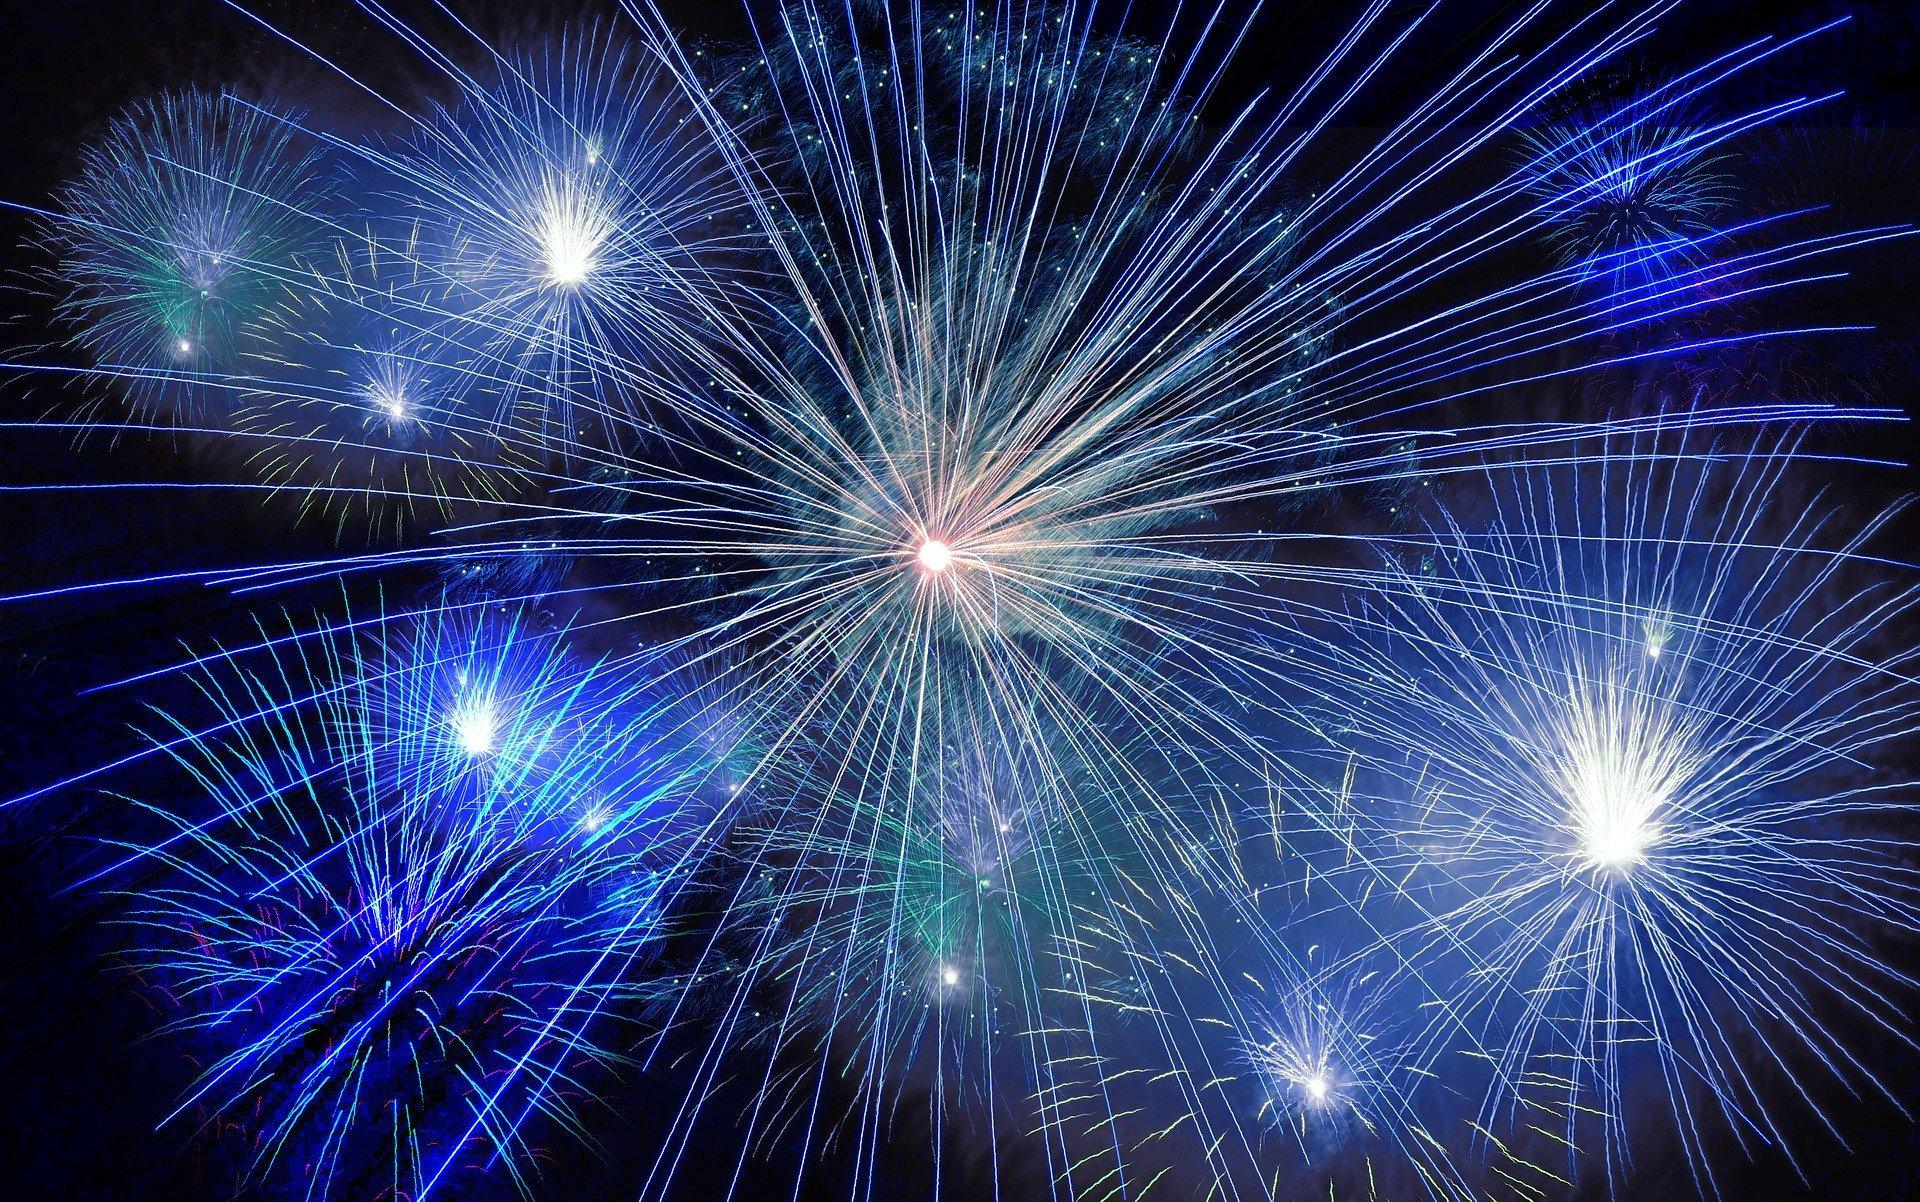 Tradiţionalul spectacol de artificii de Revelion de la Londra va fi anulat din nou